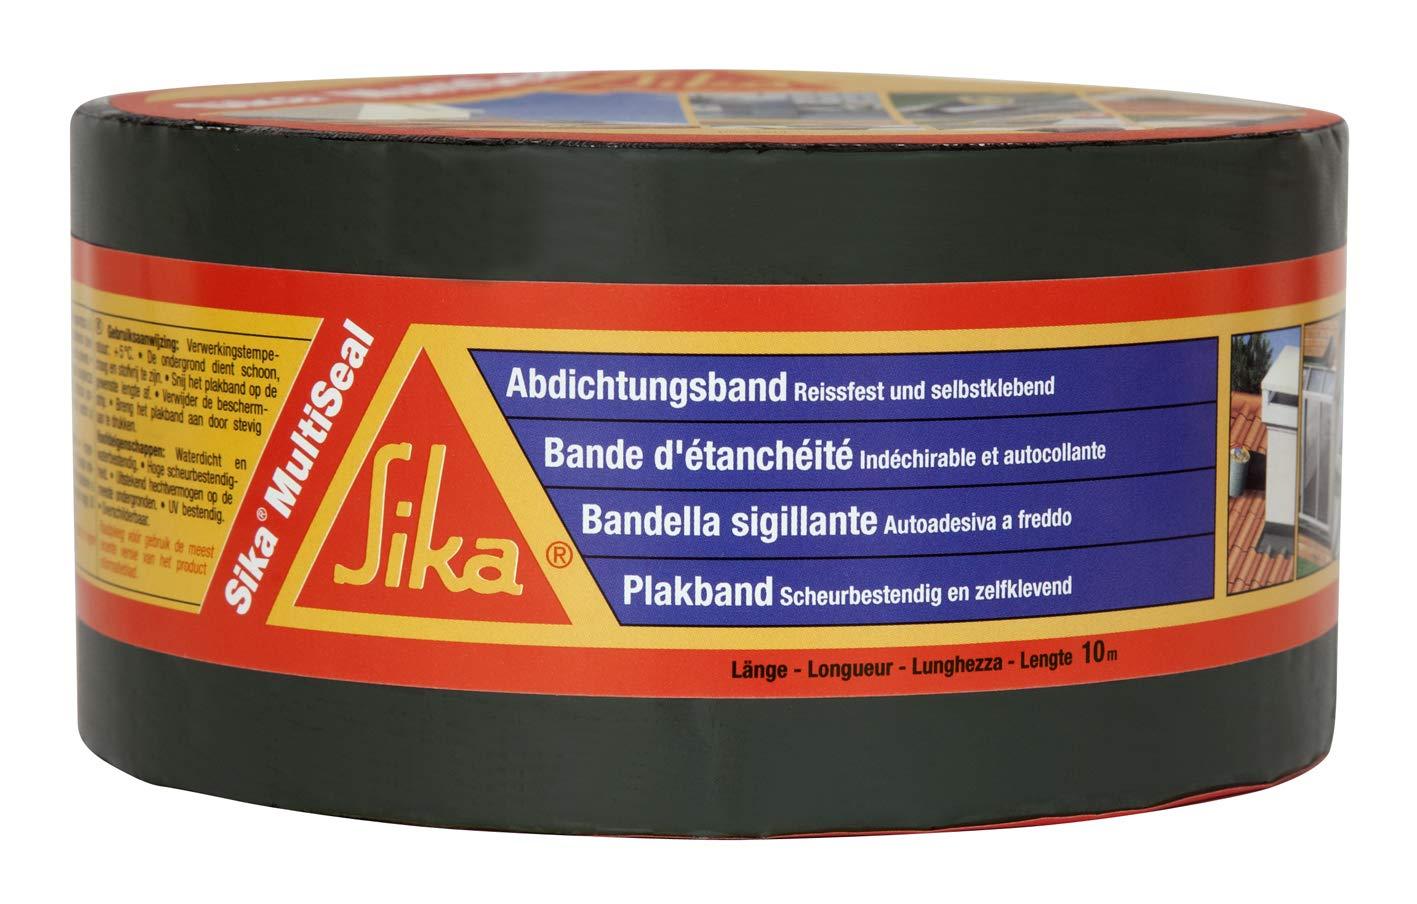 Sika Multiseal – Cold Adhesive Repair Tape, grey, 3731